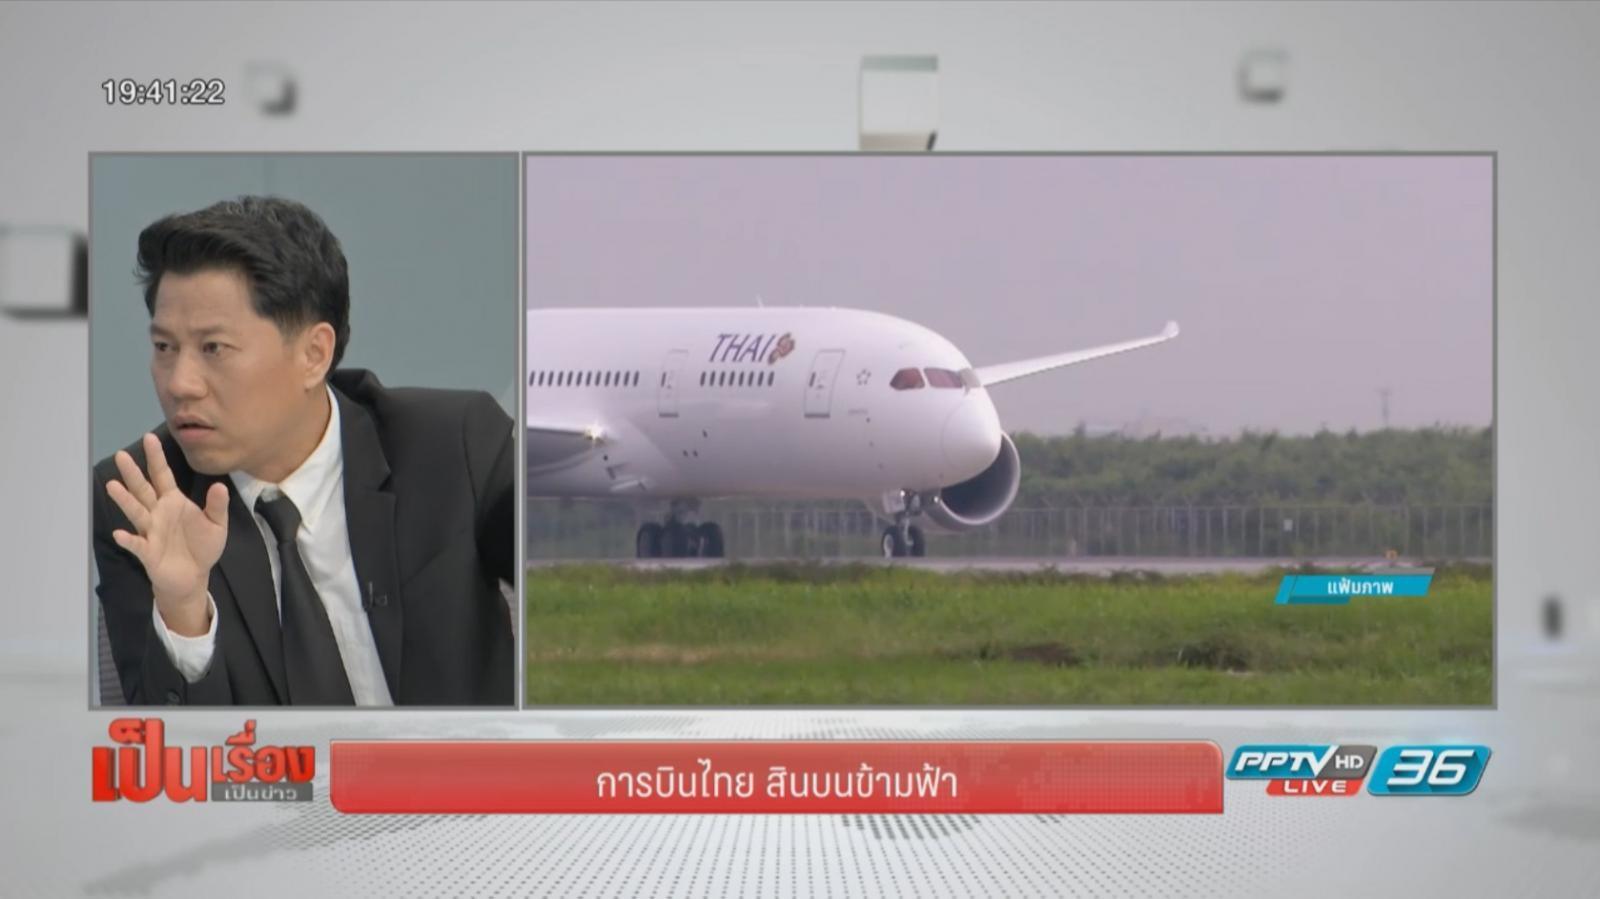 """""""สหภาพบินไทย"""" แฉหมดเปลือก โกงทุกอณู ตั้งแต่ซื้อเครื่องยนต์ ยัน เก้าอี้  ฟันธง """"การเมือง"""" สั่งกินค่าต๋งพันล้าน!"""